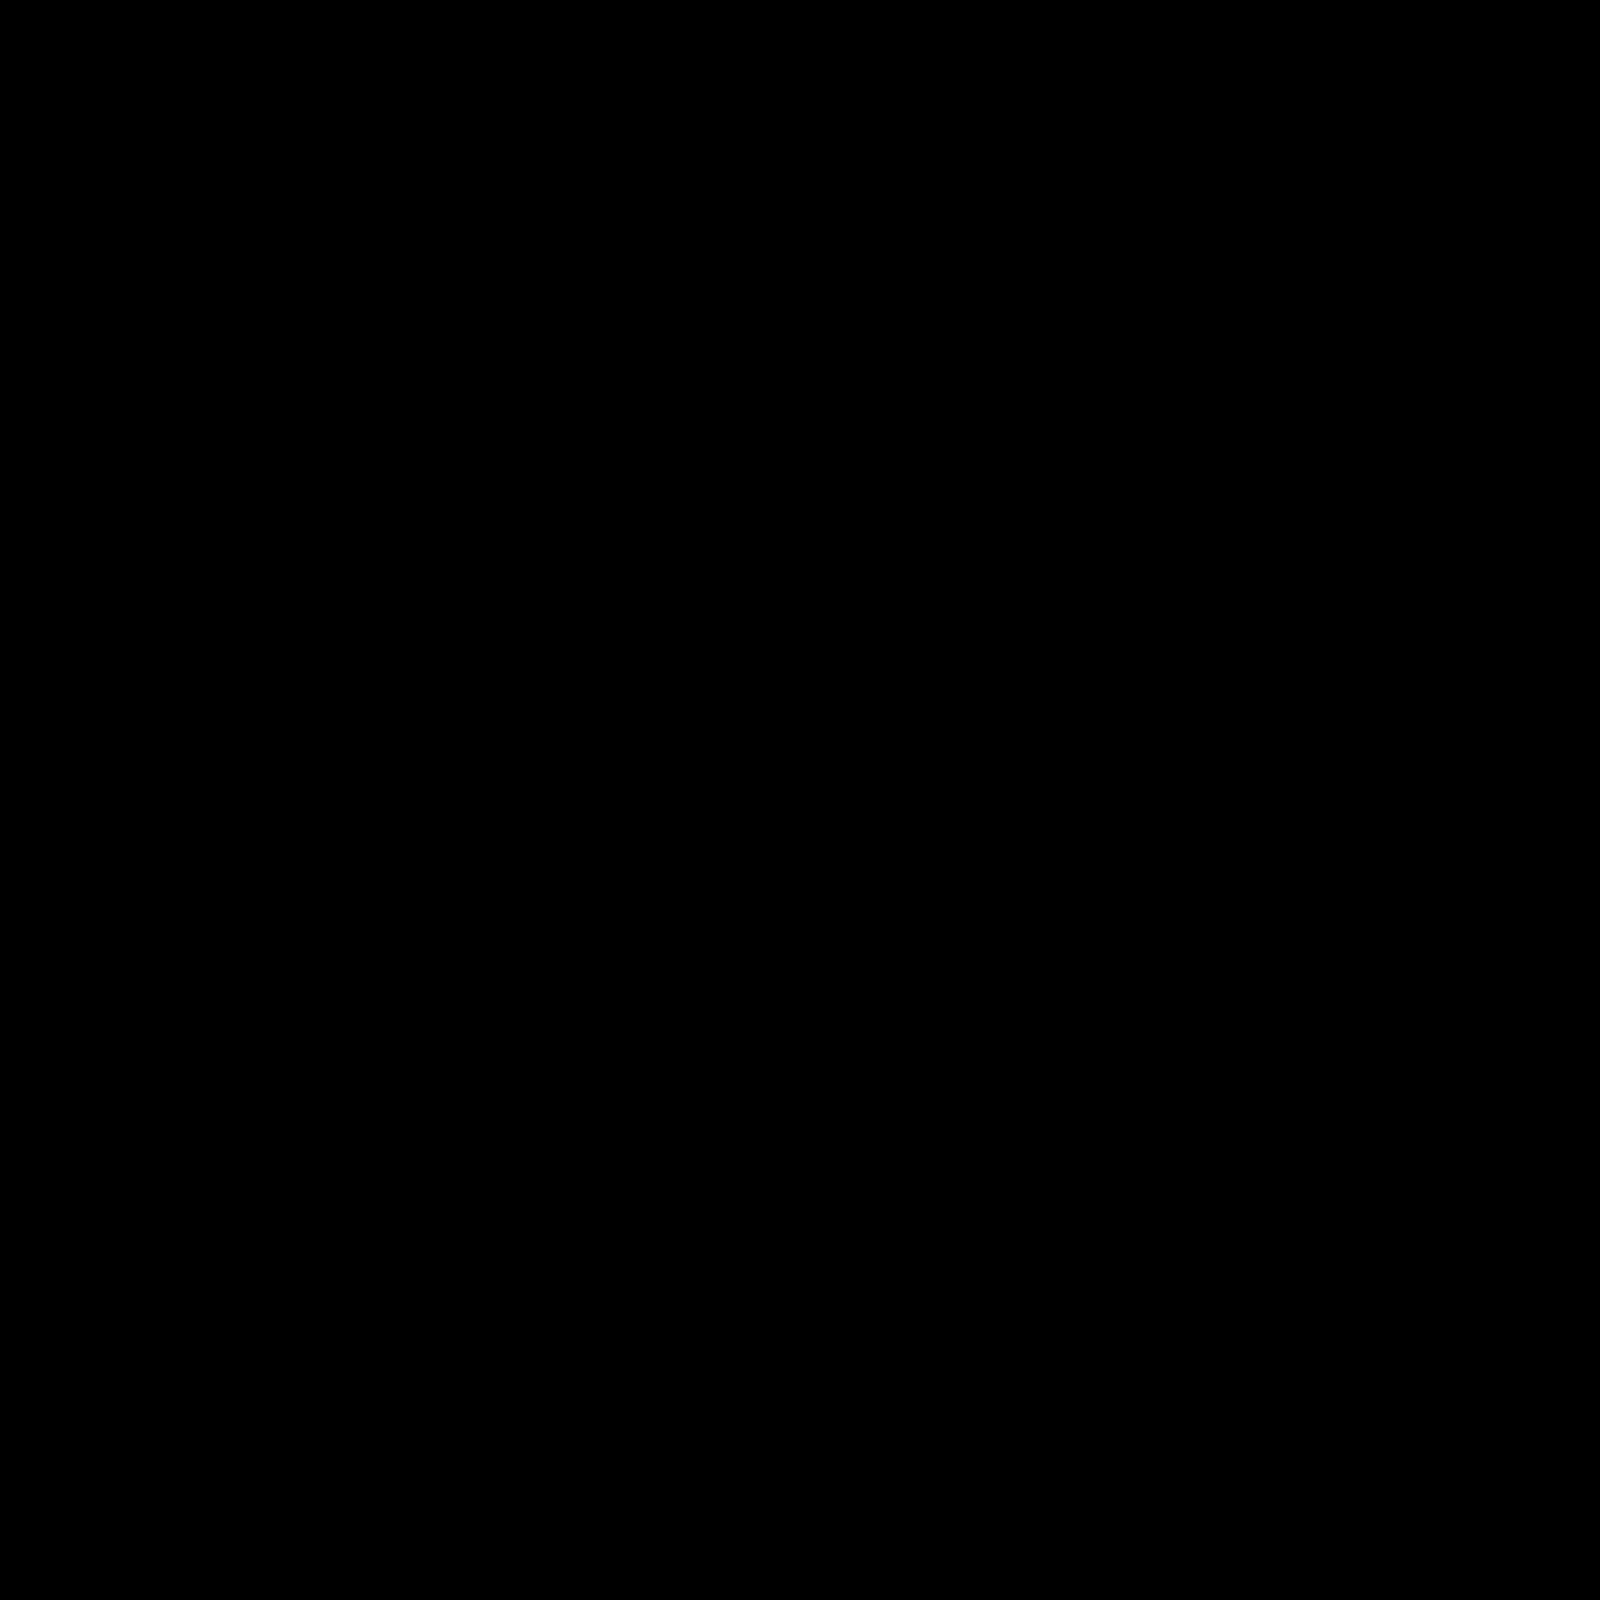 Dallas Fuel Filled icon